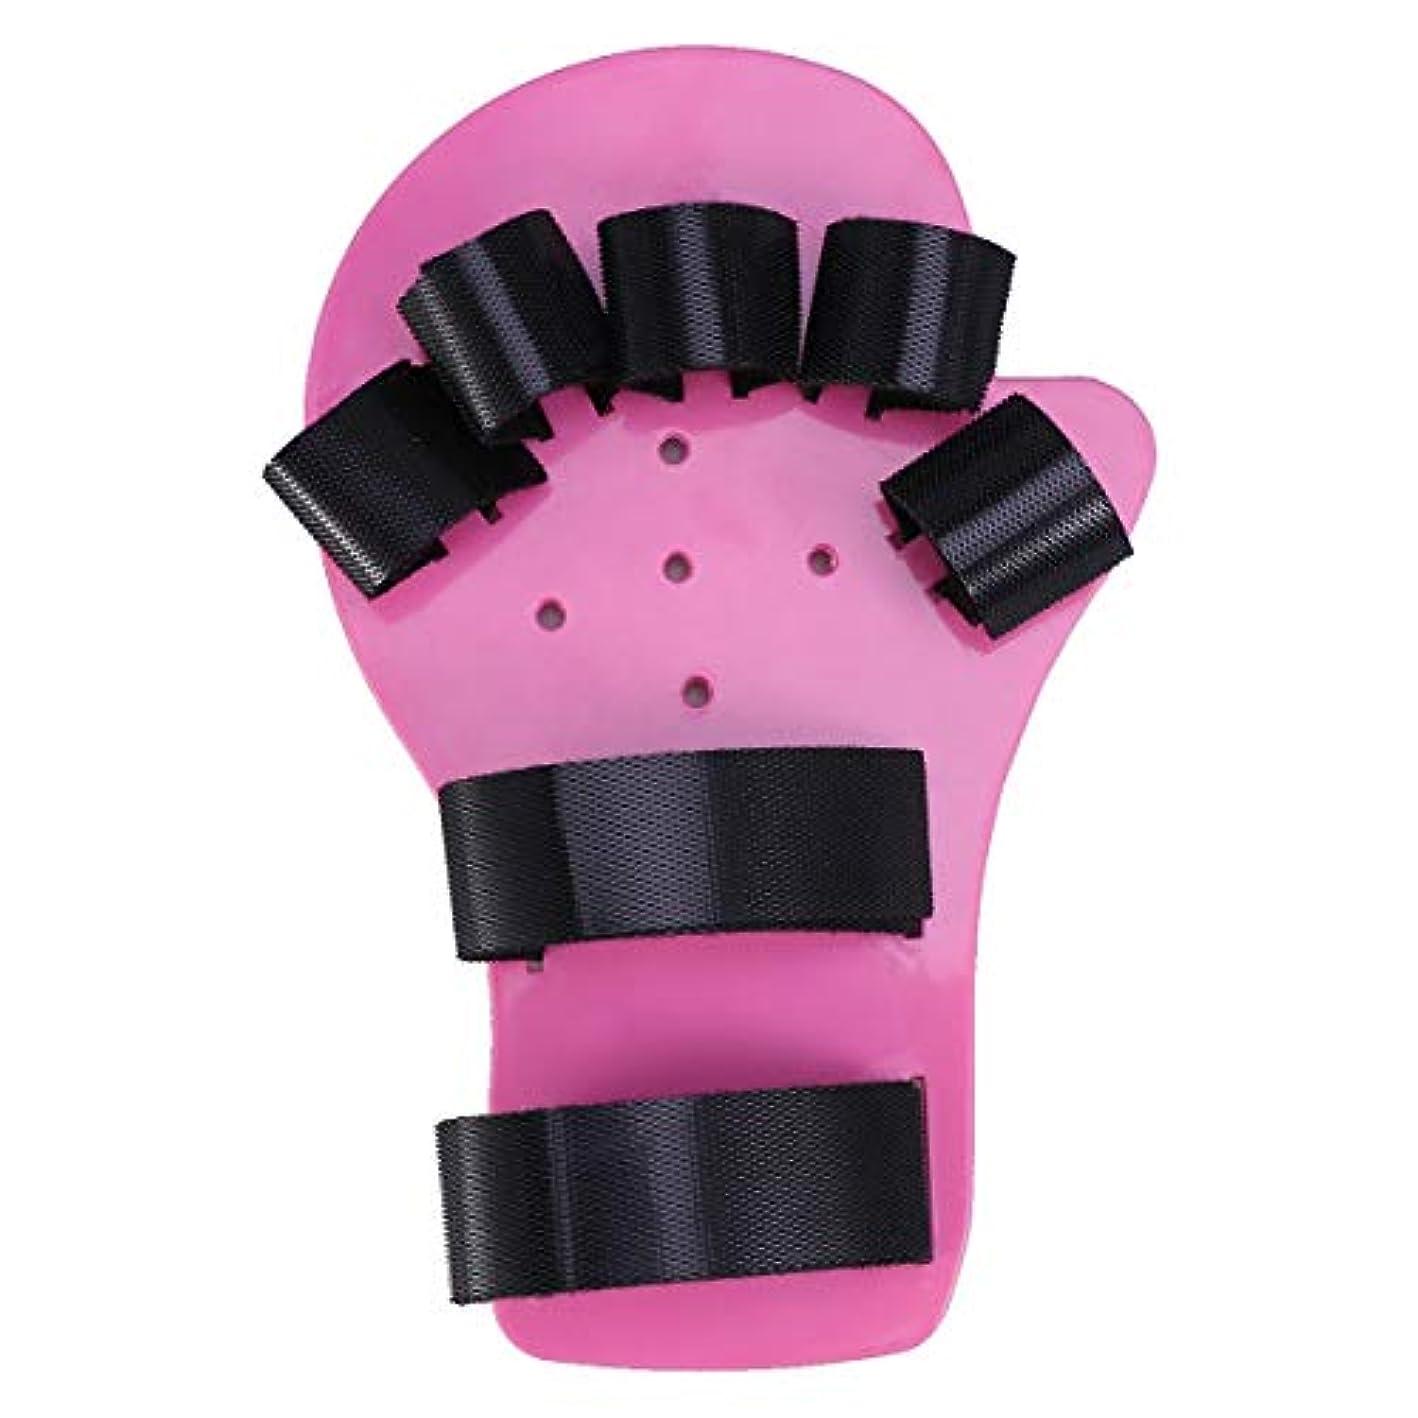 有効な休日にアコードHealifty 指副木指板指セパレーターハンド手首トレーニング脳卒中患者関節炎リハビリテーションサポート装具1-5歳(ピンク)